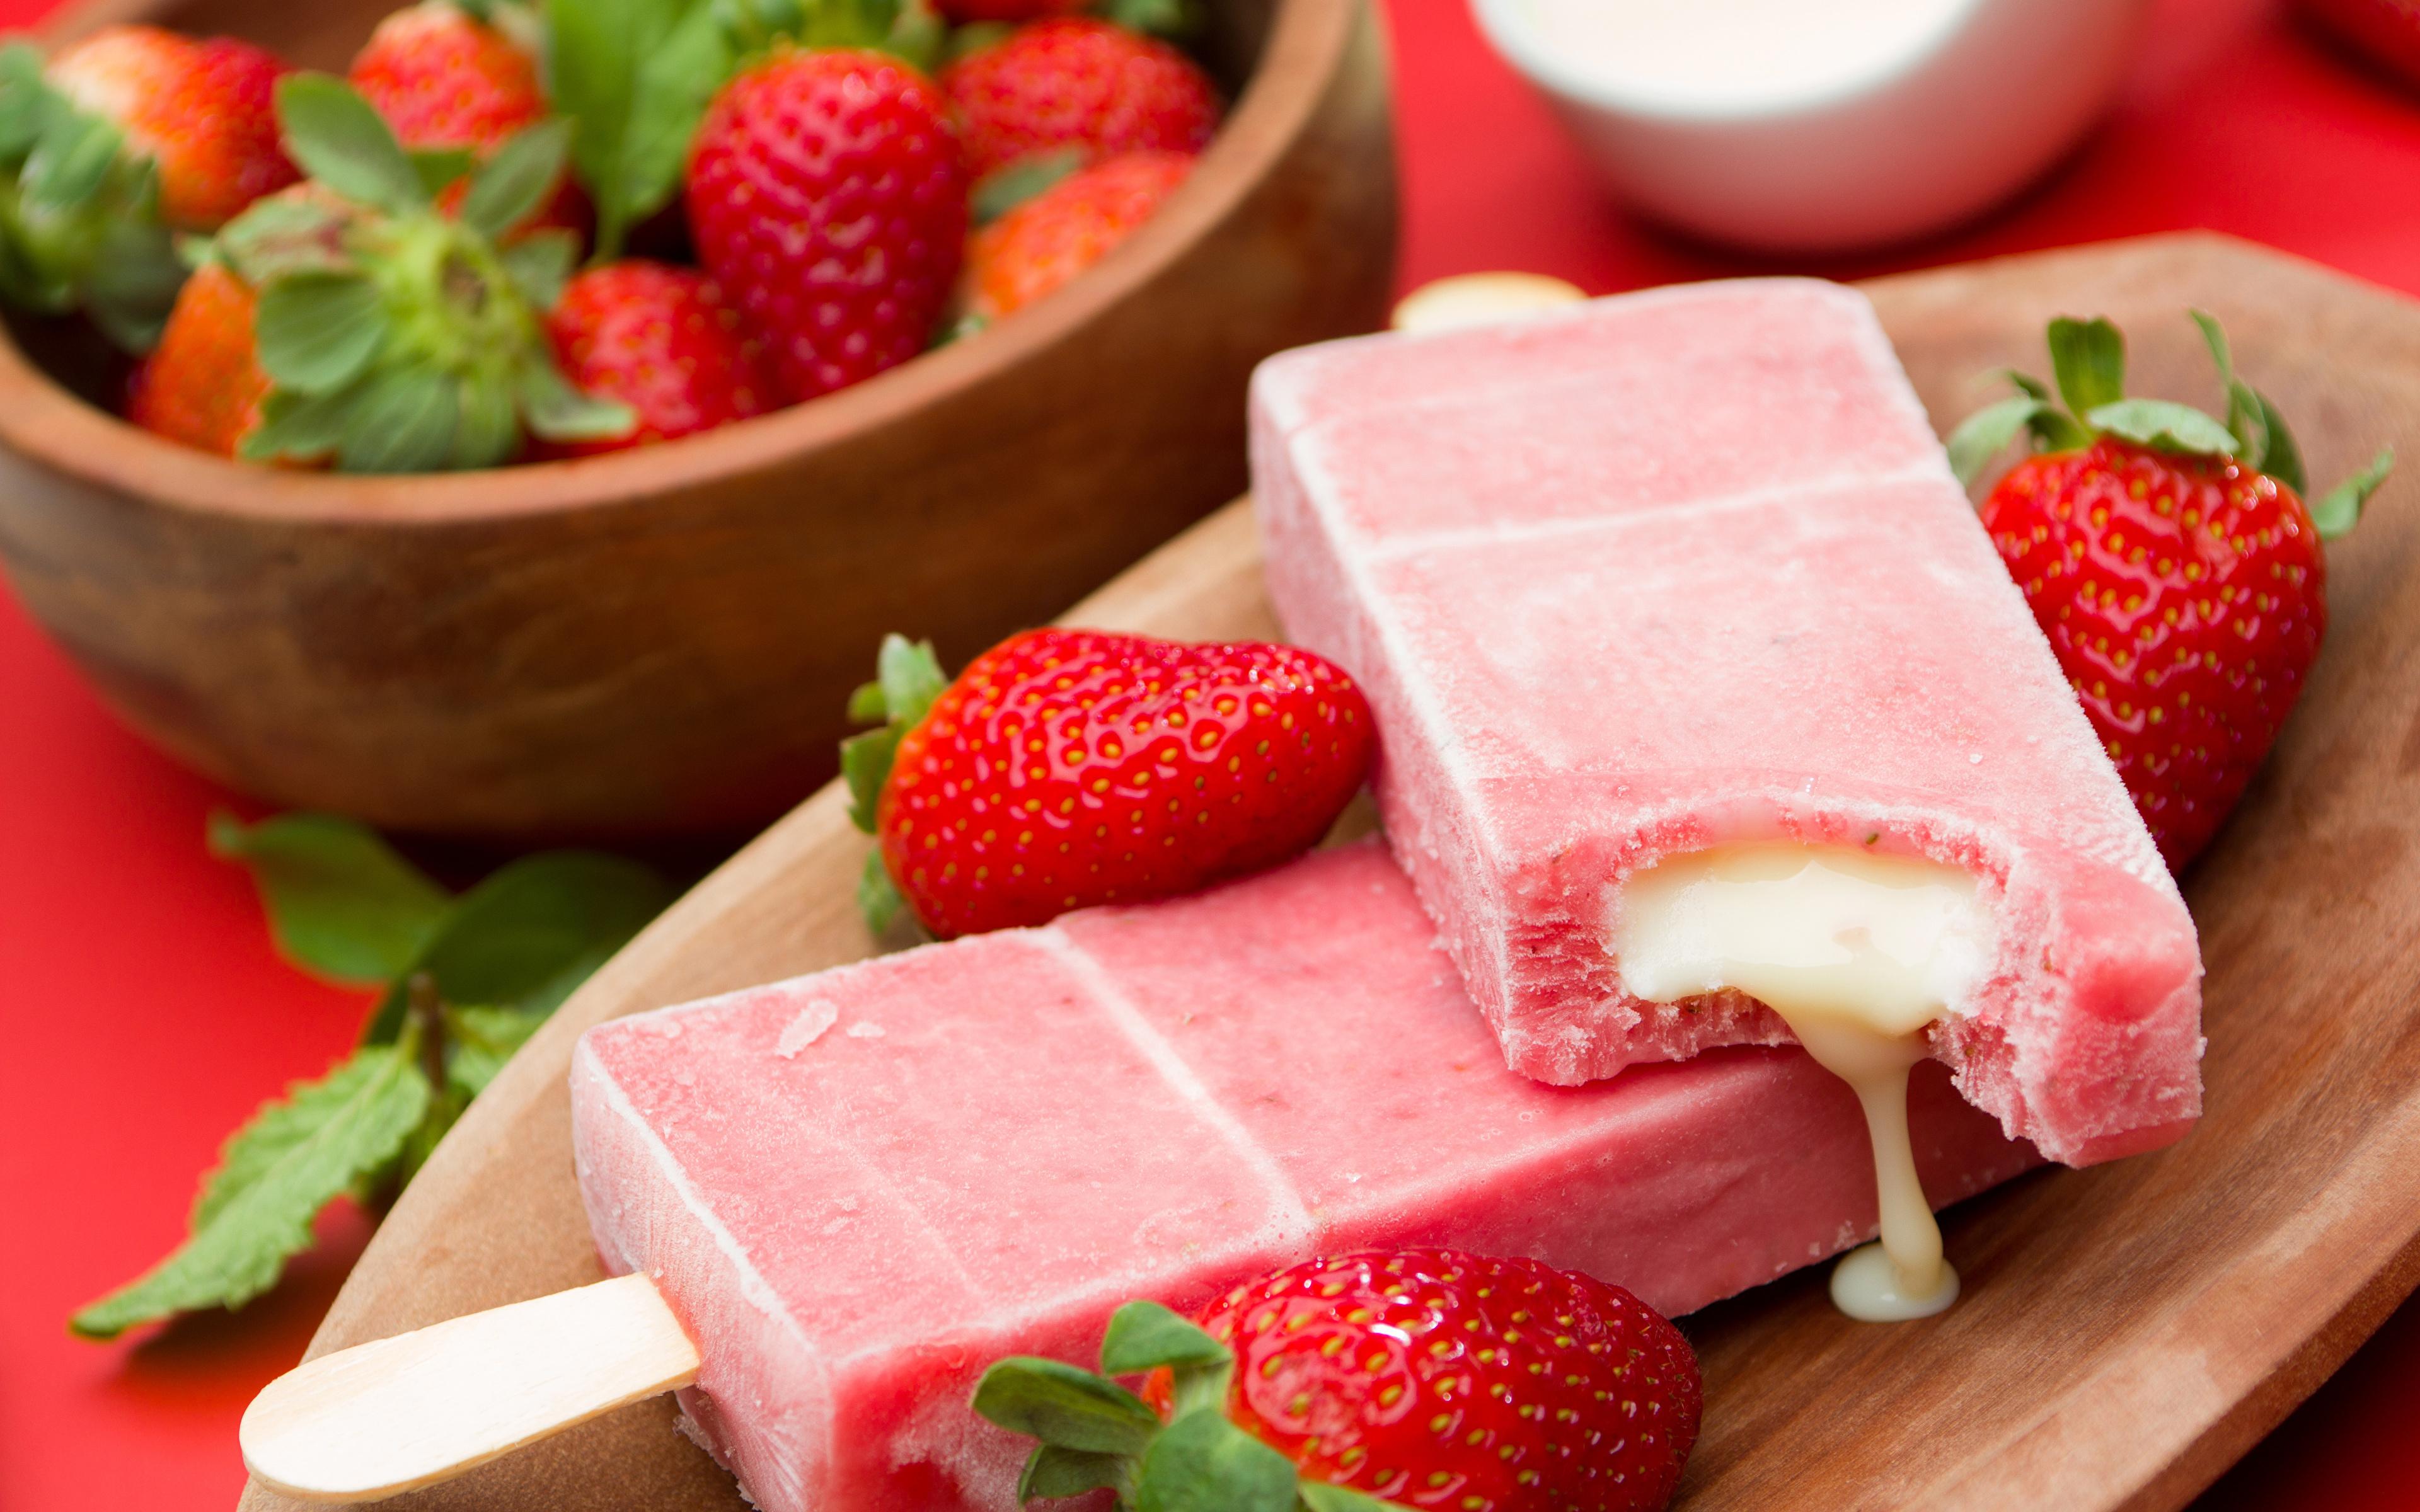 еда клубника лед food strawberry ice загрузить